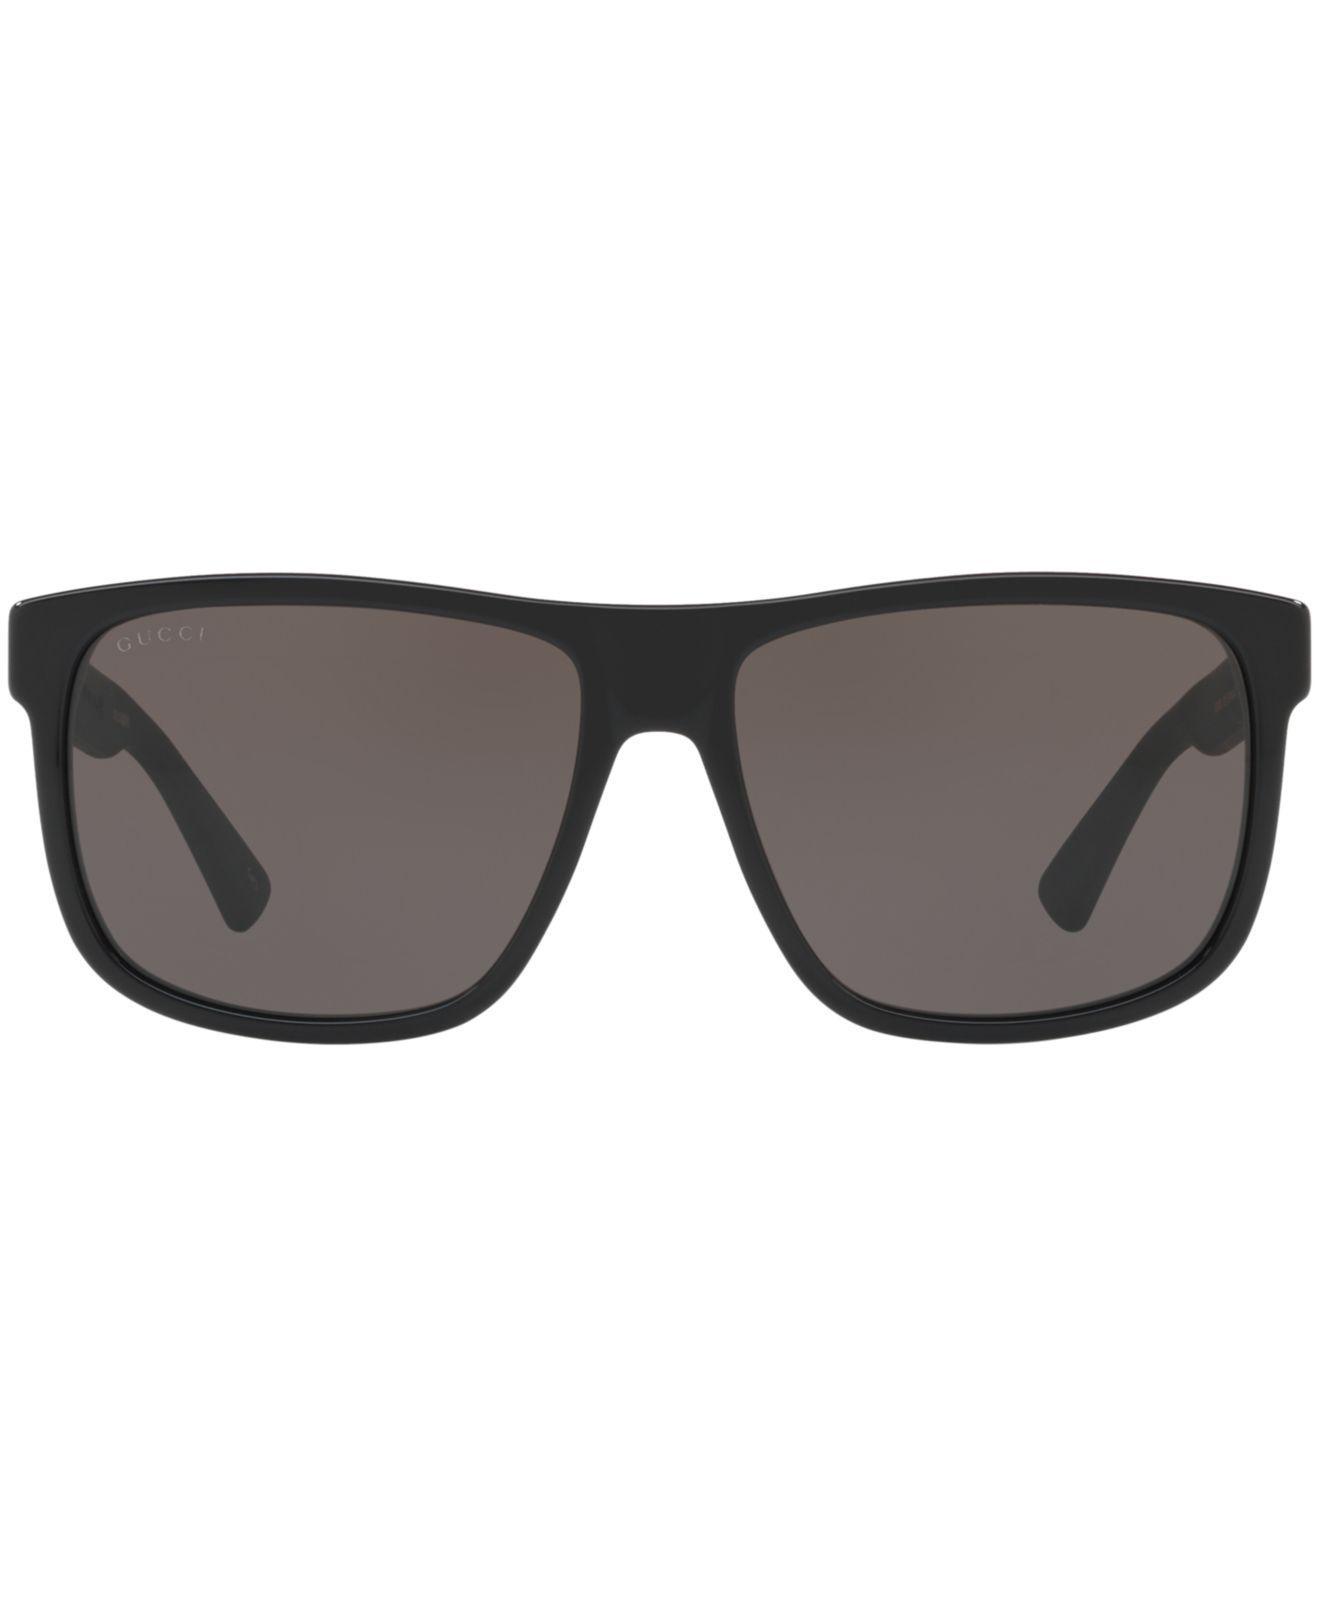 a30692455c Gucci Sunglasses